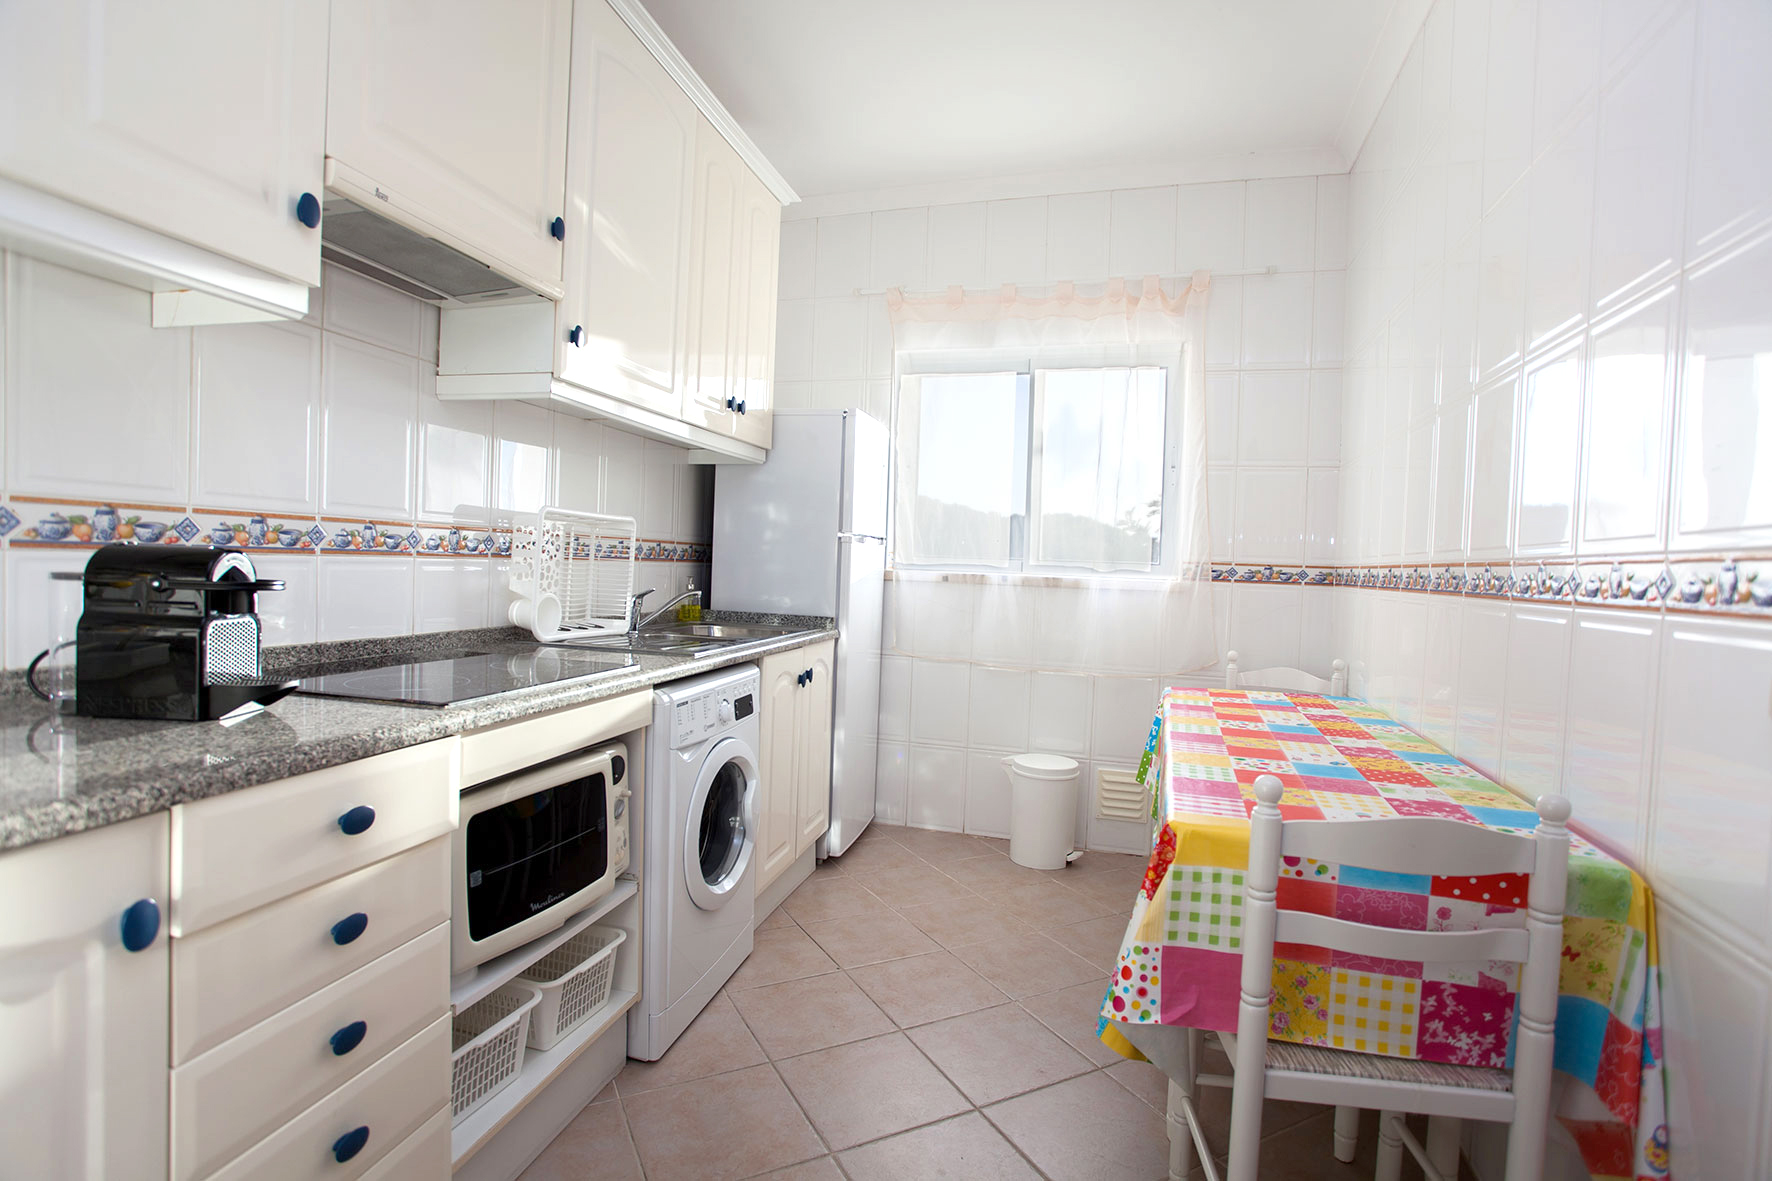 Holiday apartments and villas for rent, Apartamento T2 em Condomínio Com Piscina na Praia da Galé em Albufeira in Albufeira, Portugal Algarve, REF_IMG_6121_12087